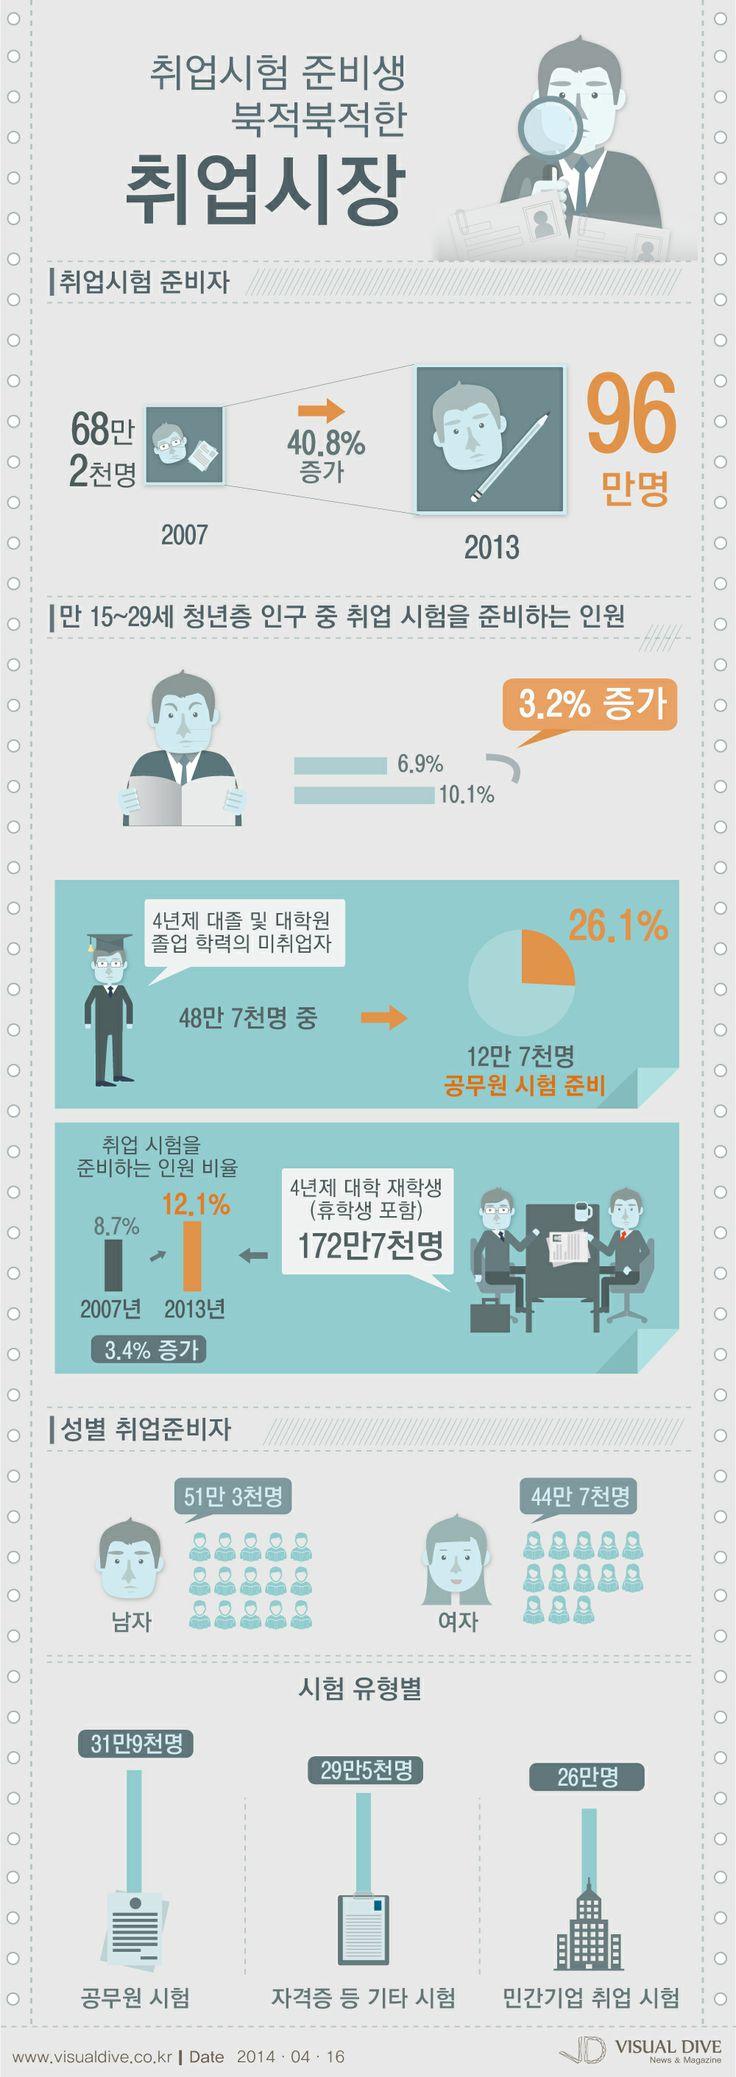 구직을 위해 취업시험·면접준비·자기소개서 준비하는 수험생 무려 '100만명' [인포그래픽] #job #Infographic ⓒ 비주얼다이브 무단 복사·전재·재배포